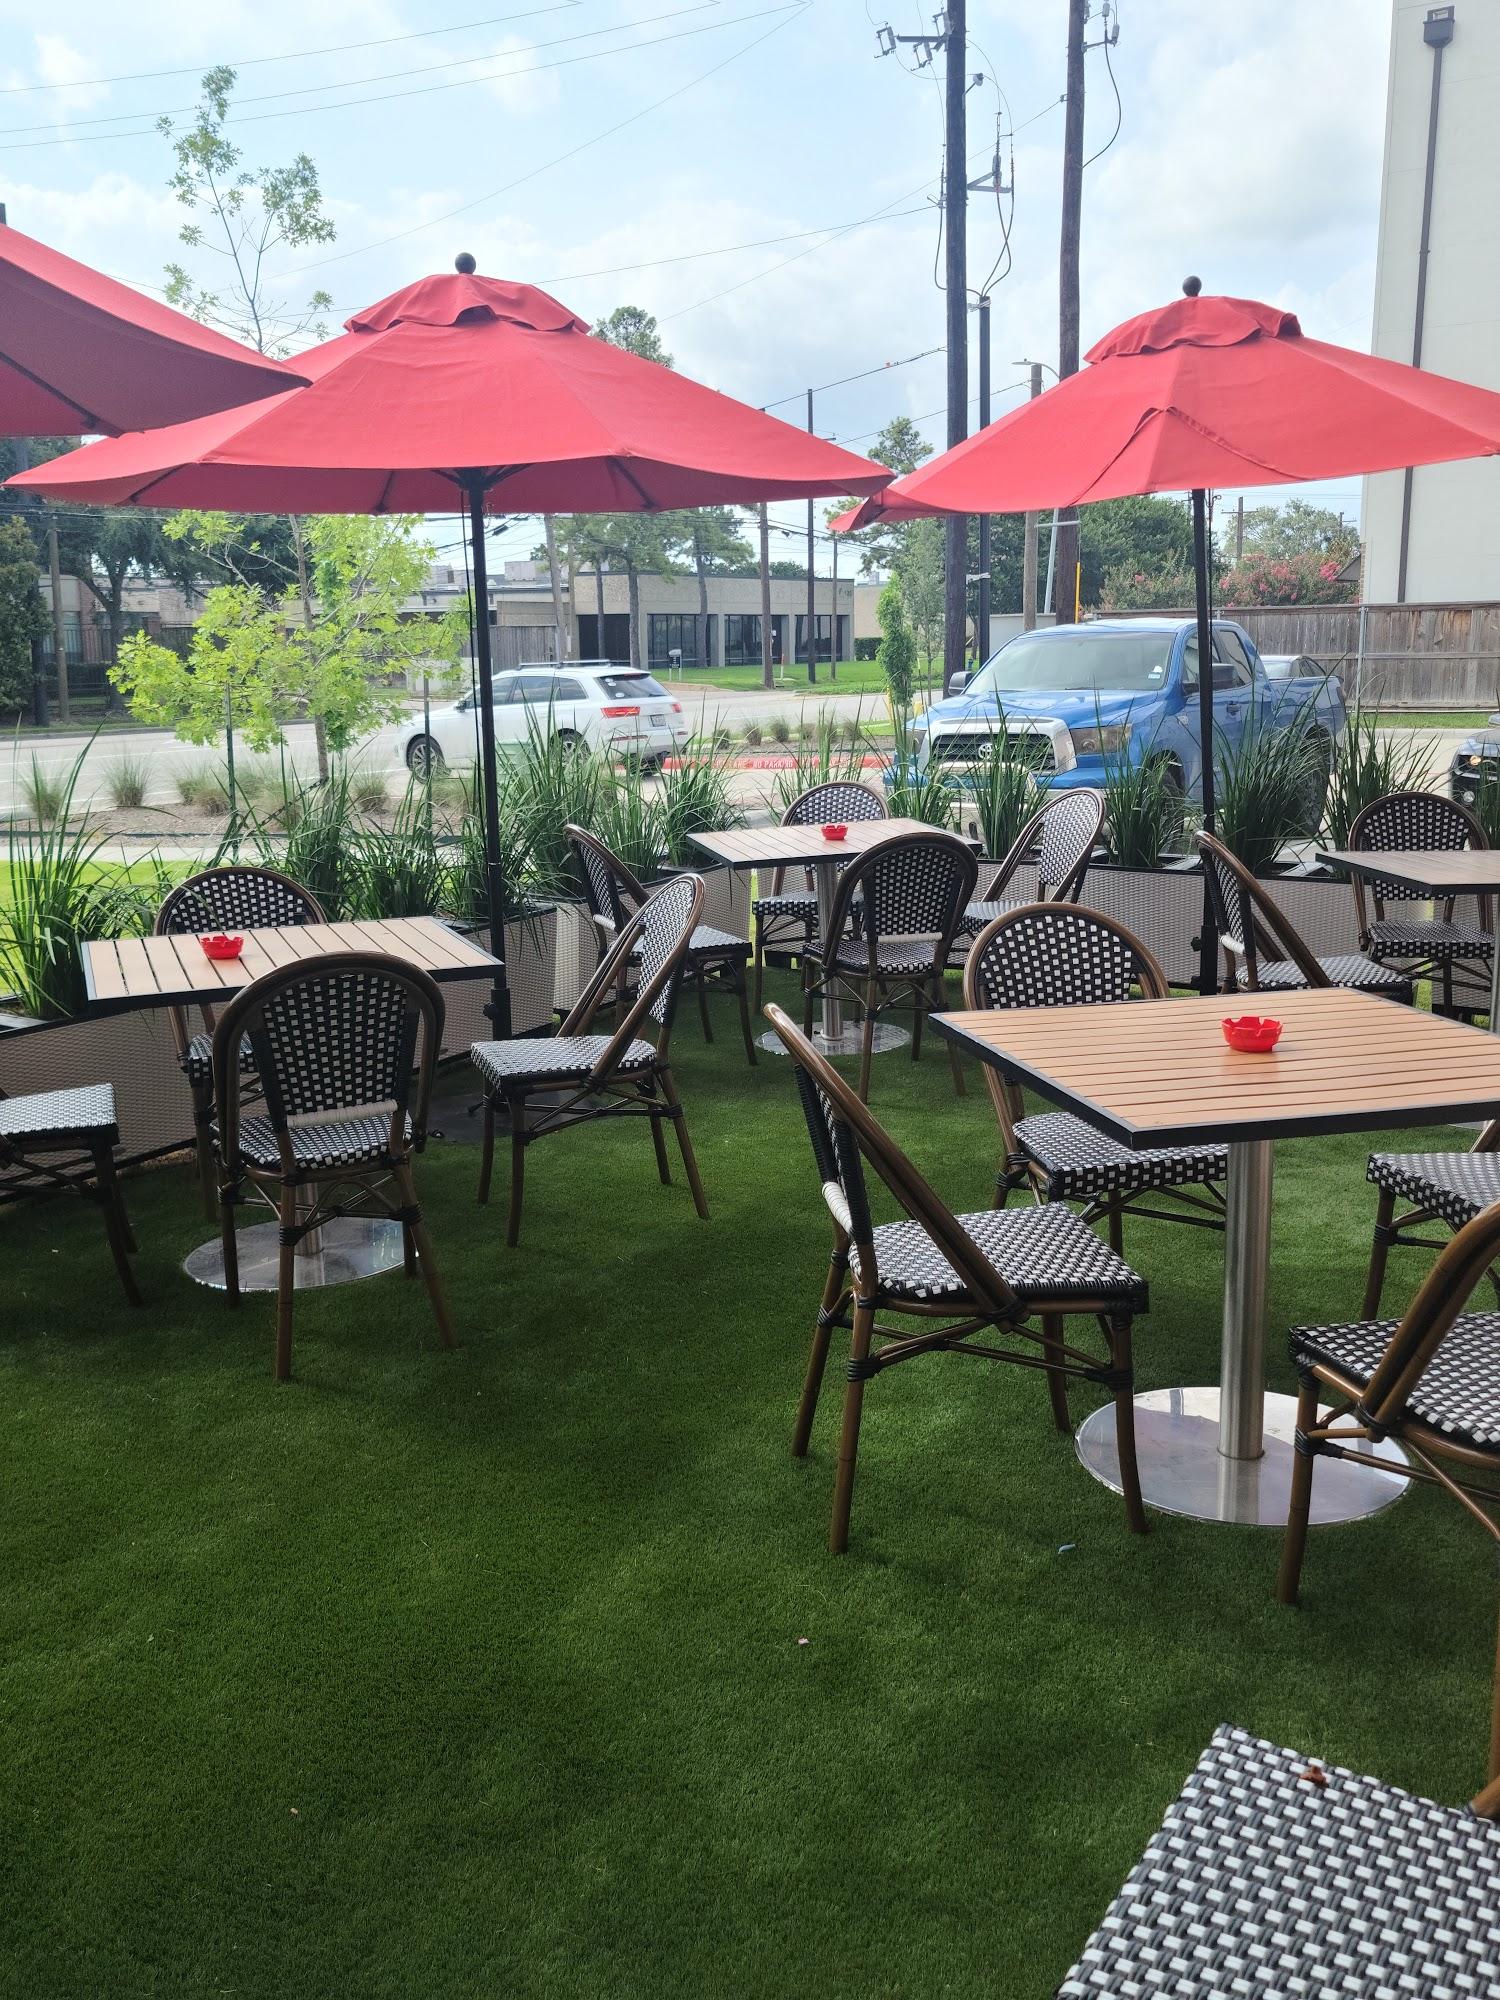 NoPo Café, Market & Bar 1244 N Post Oak Rd Suite 150, Houston